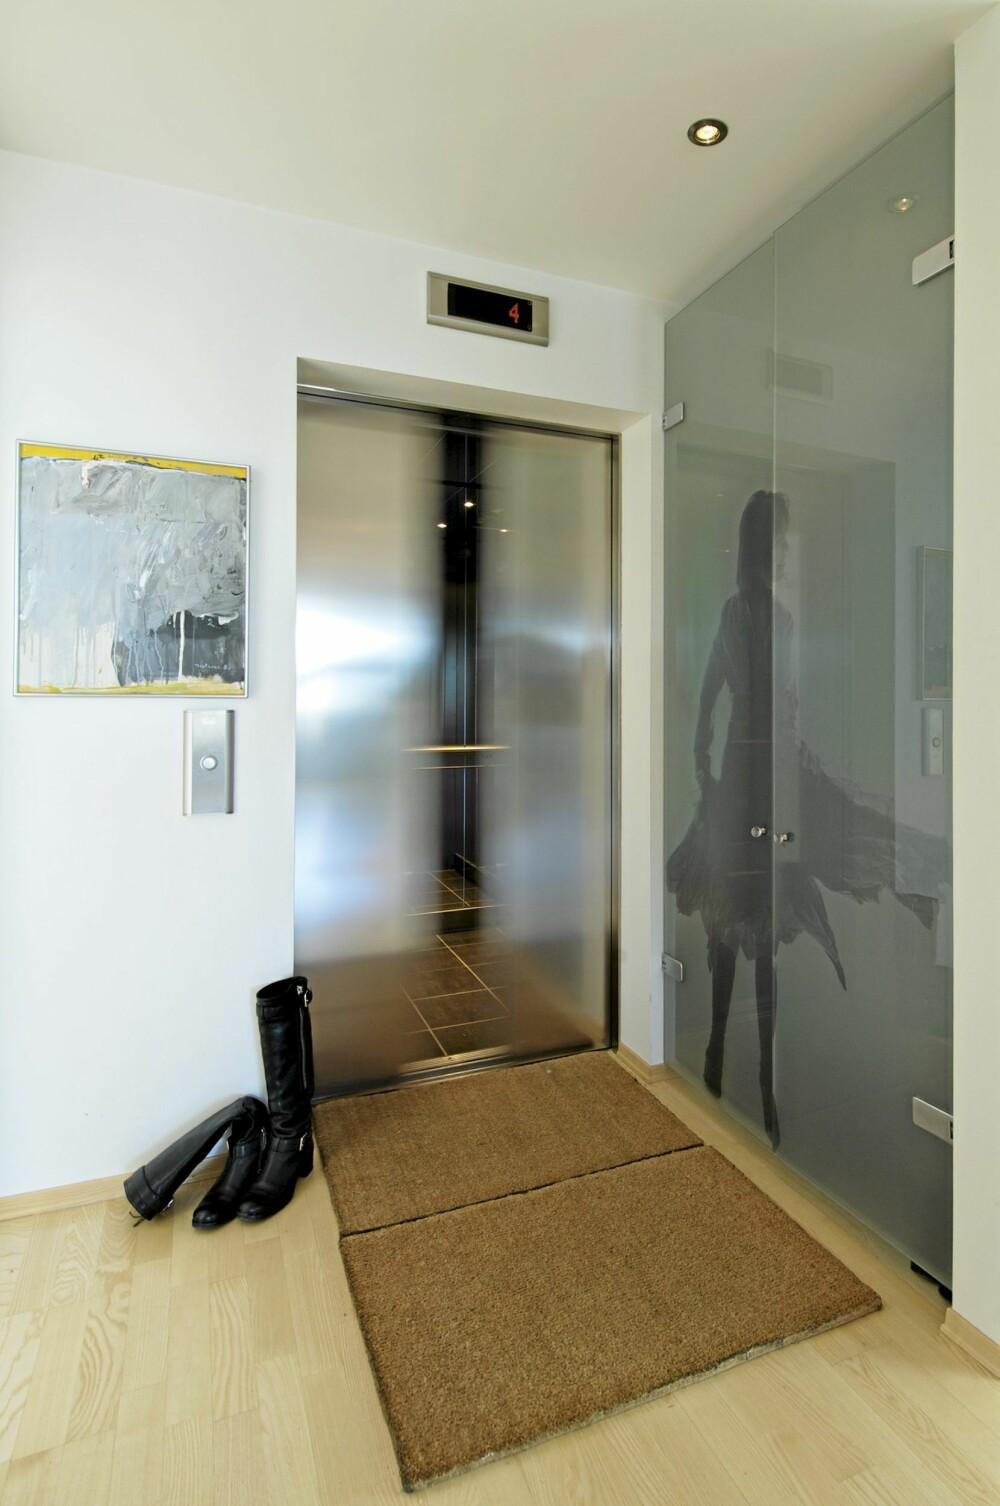 RETT PÅ FJORDEN: Fra gaten kommer du  med heisen rett opp i leiligheten til interiørarkitekten. Idet du stiger ut av heisen ser du rett gjennom kjøkkensonen og mot fjorden. Ilustrasjonen på veggen er laget av beboerens datter.